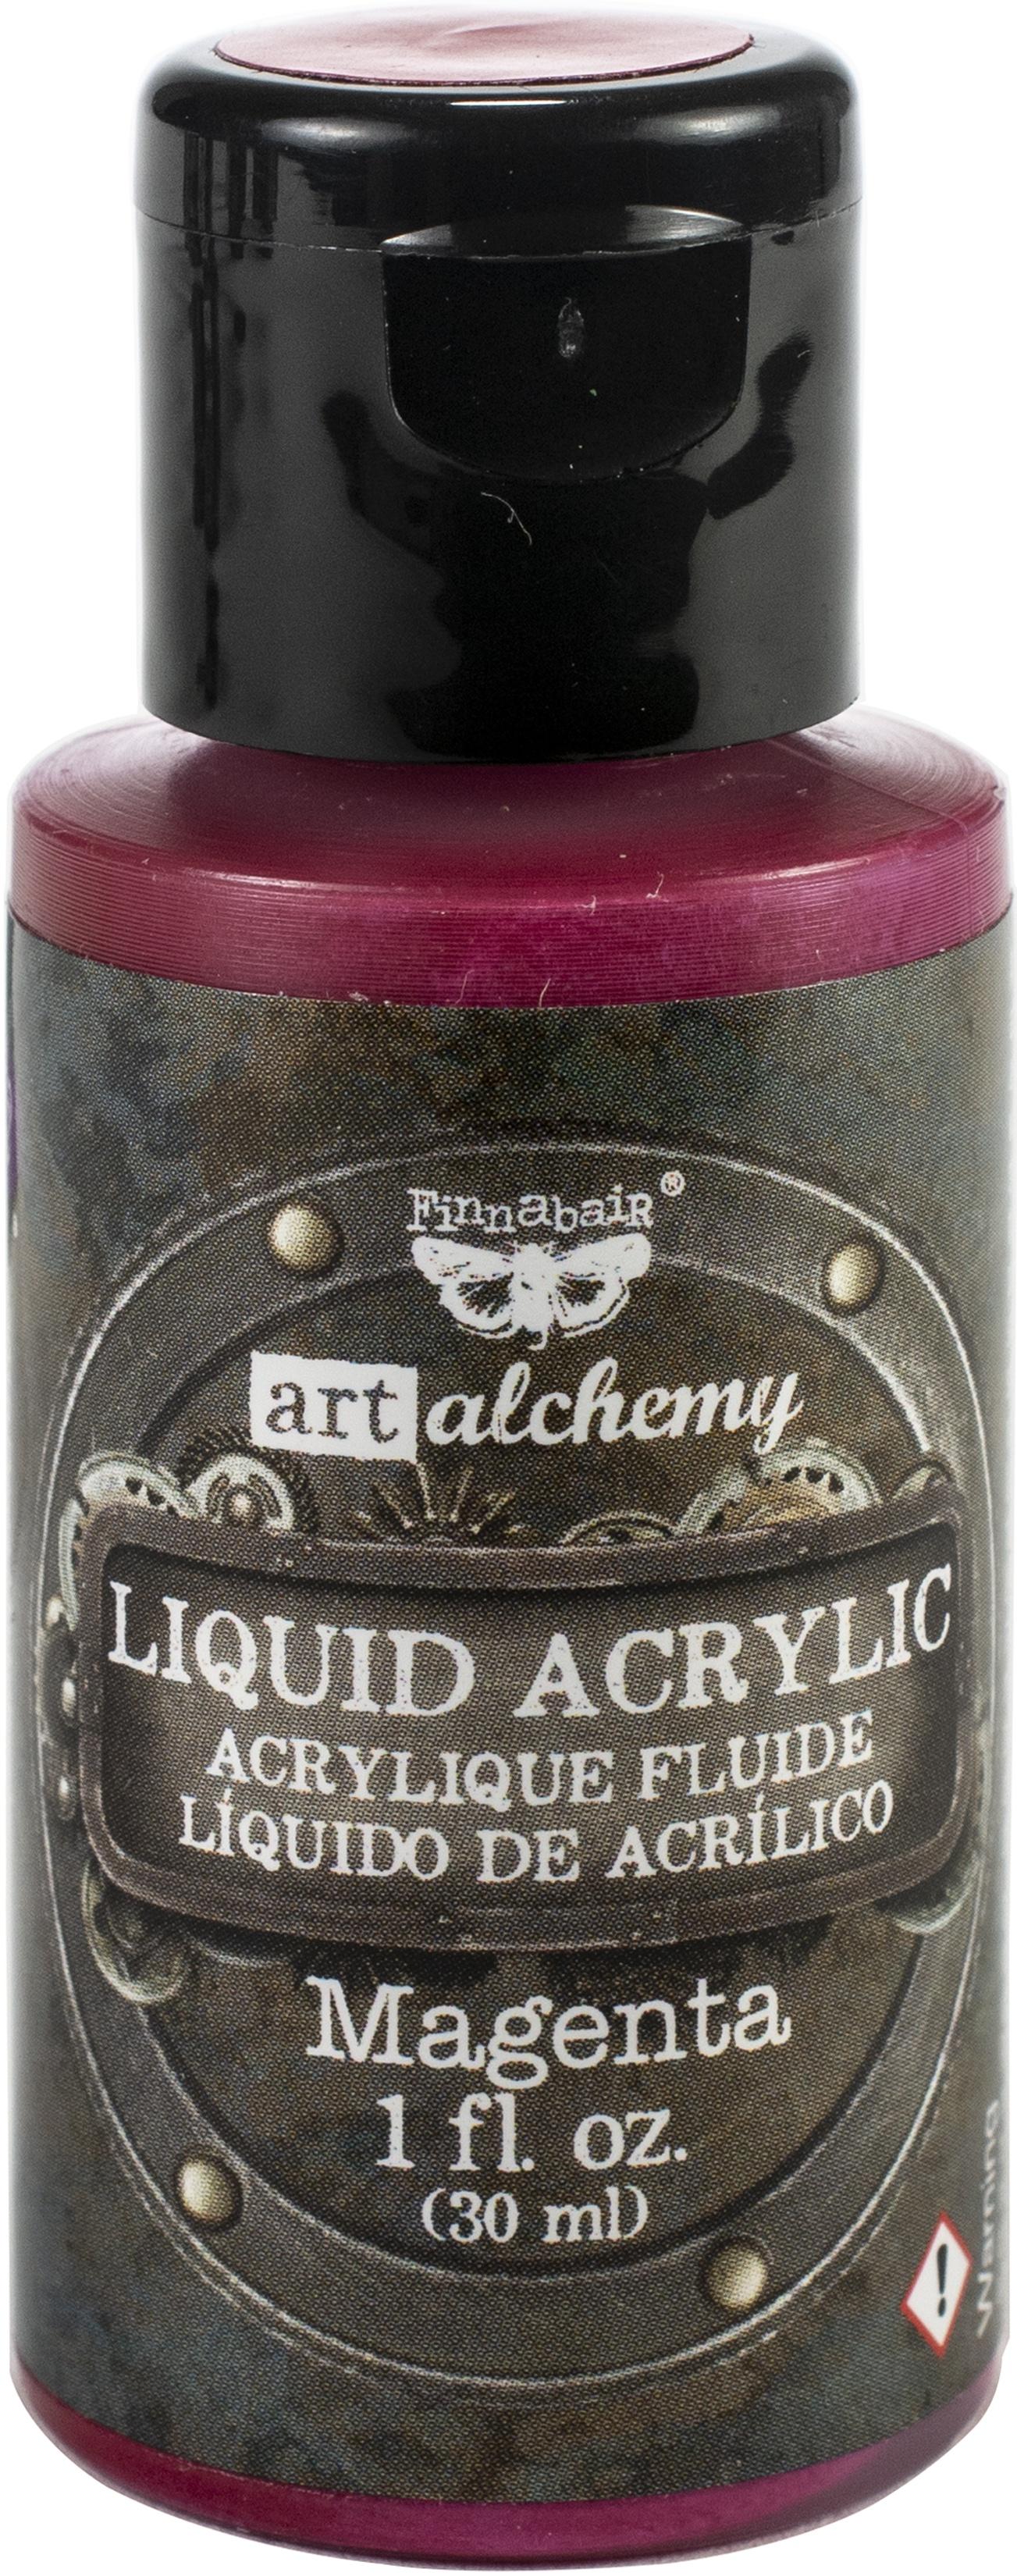 Finnabair Art Alchemy Liquid Acrylic Paint 1 Fluid Ounce-Magenta